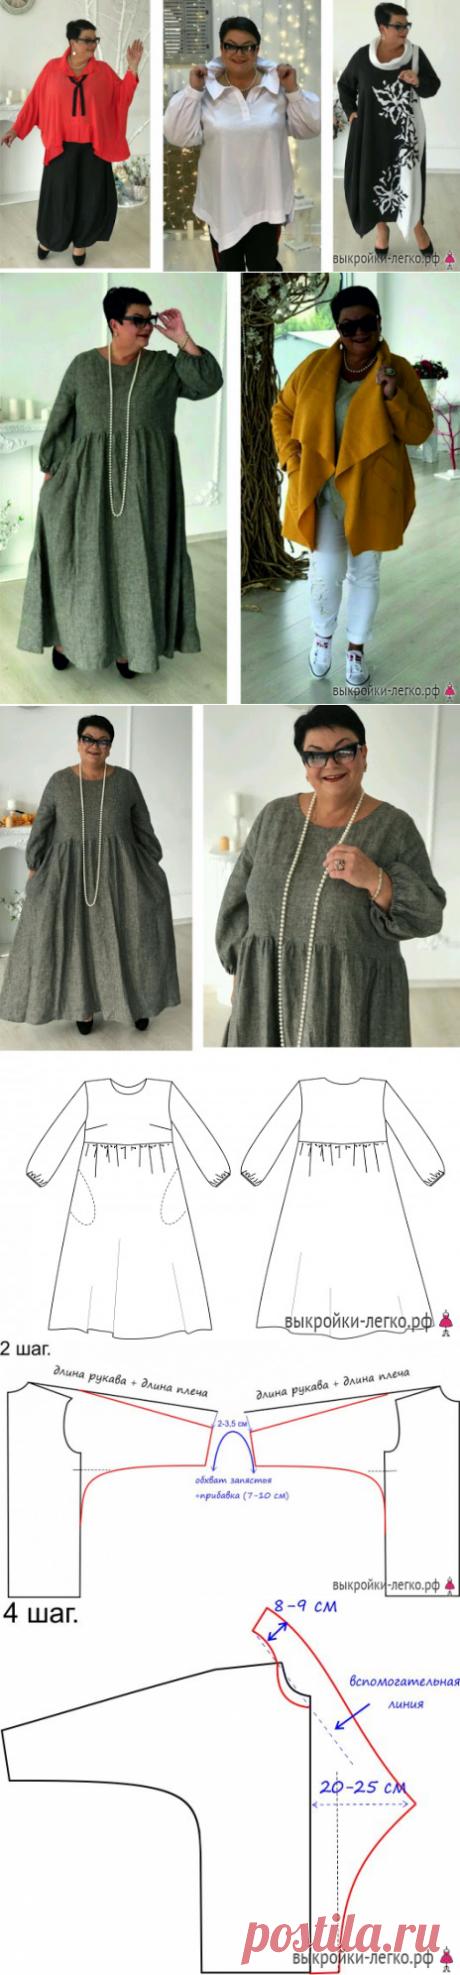 Одежда больших размеров.Выкройки платья и жакета